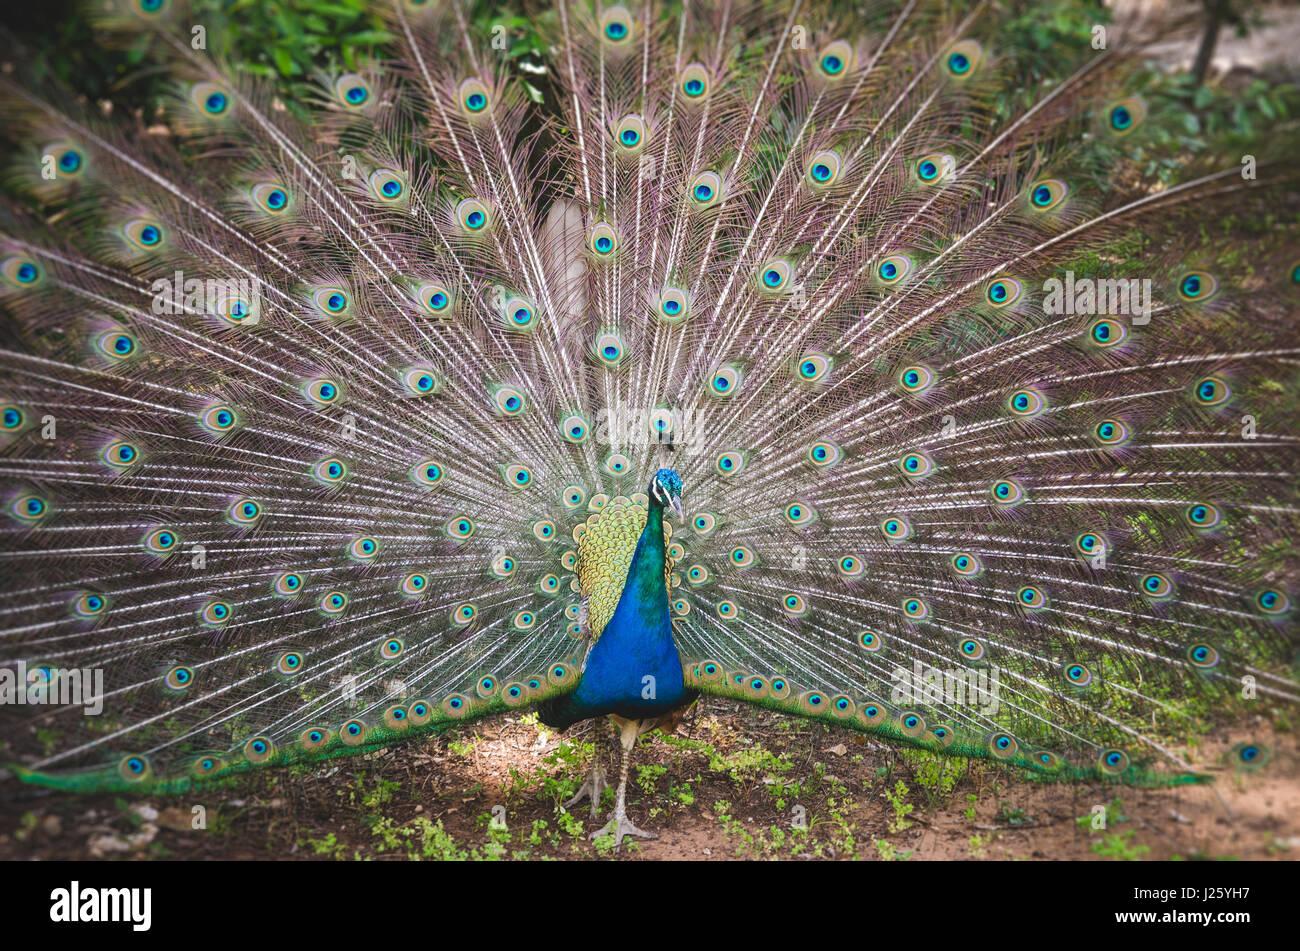 Peacock che mostra le piume di coda, Lokrum Giardino botanico, Croazia Immagini Stock